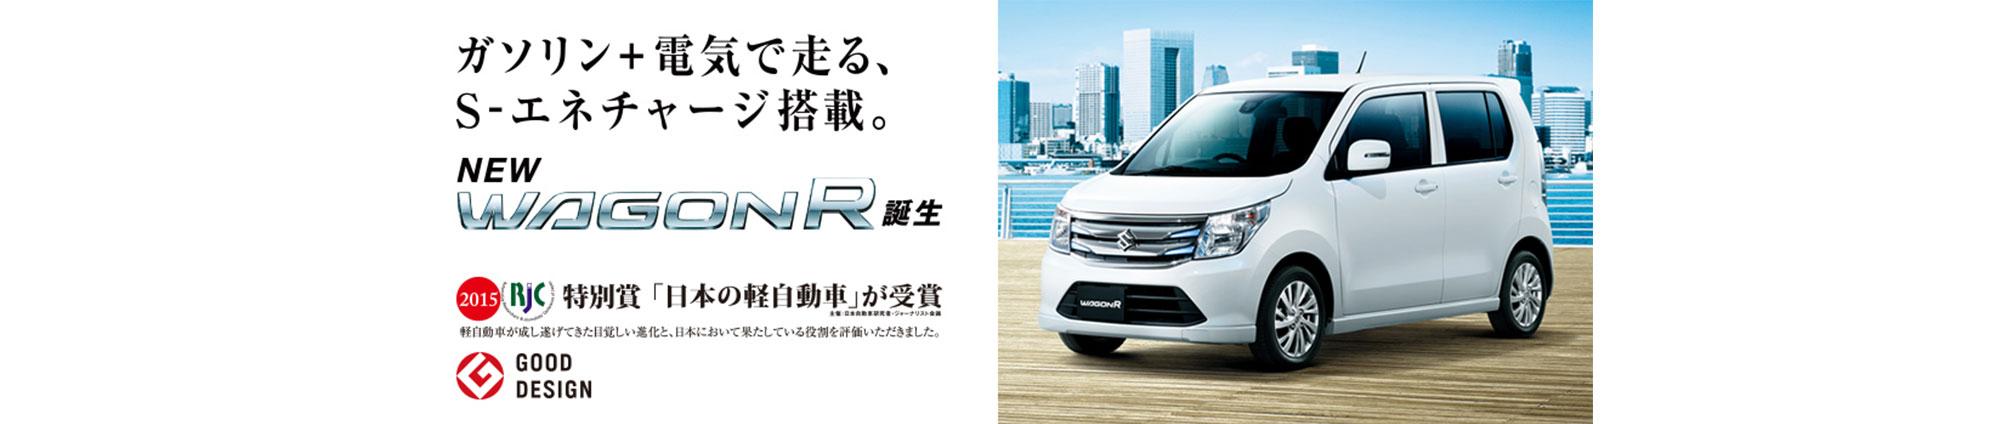 car_wagonr